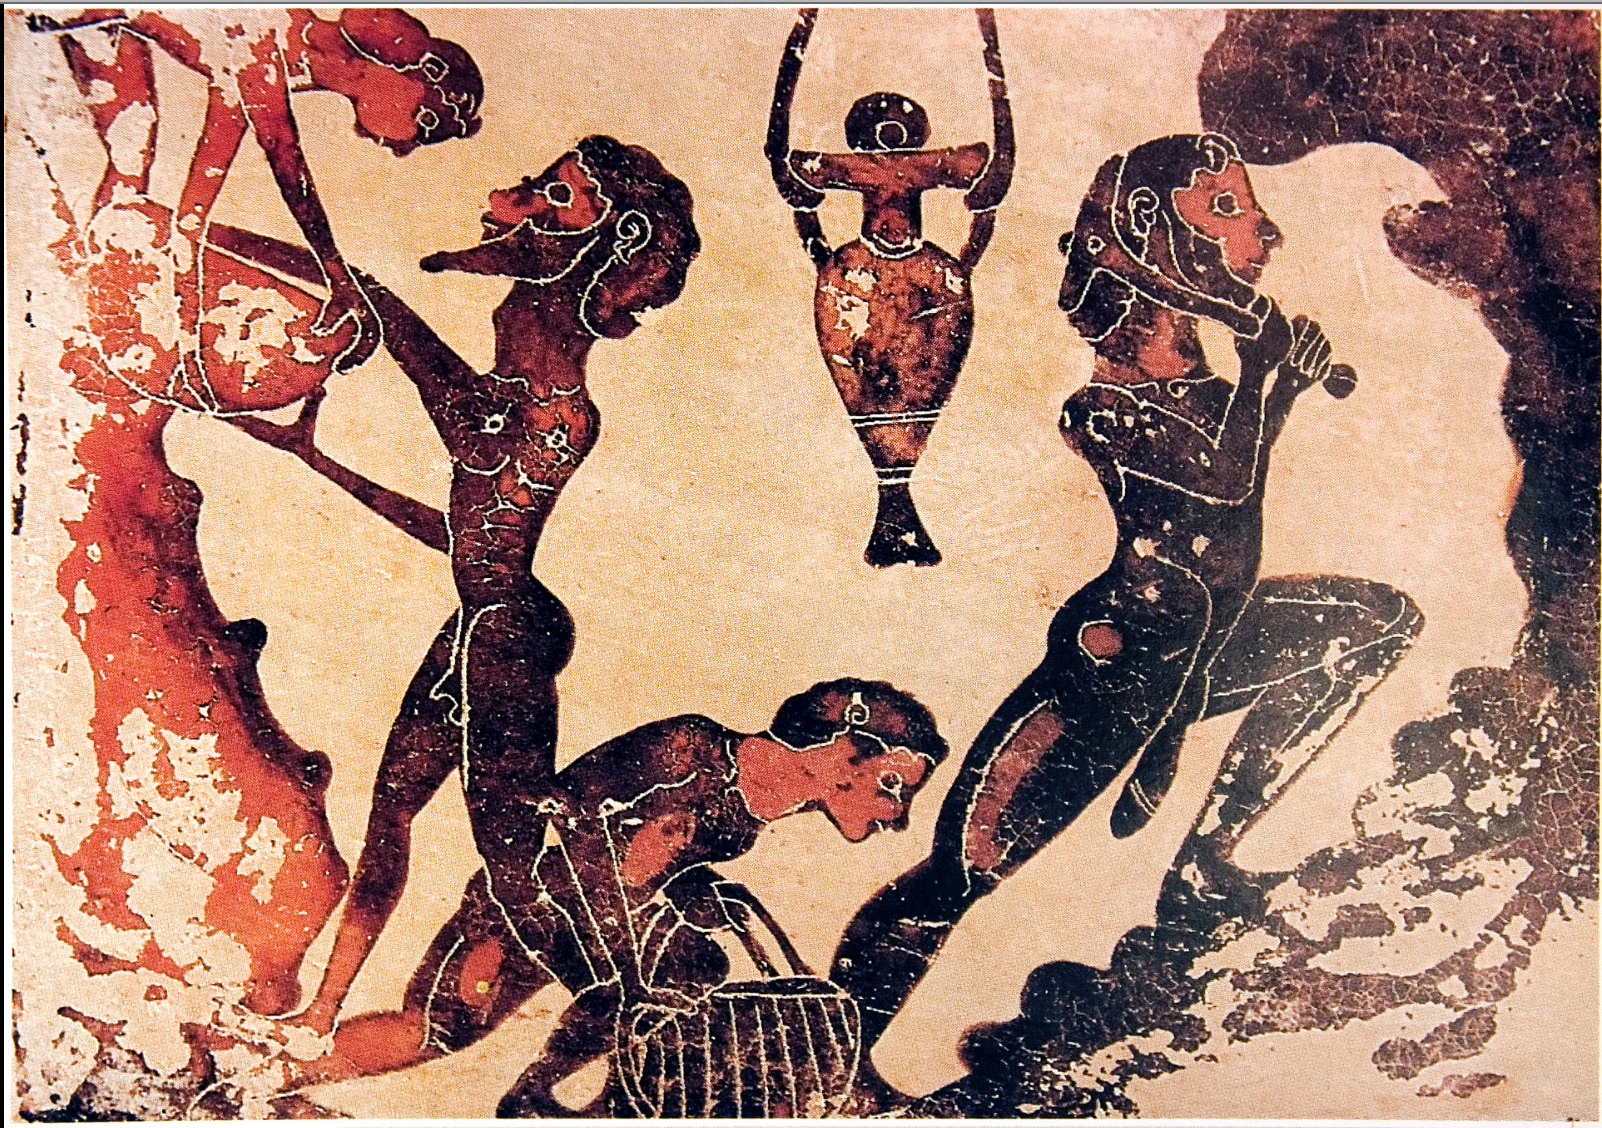 Slave gelding fantasy stories sex video